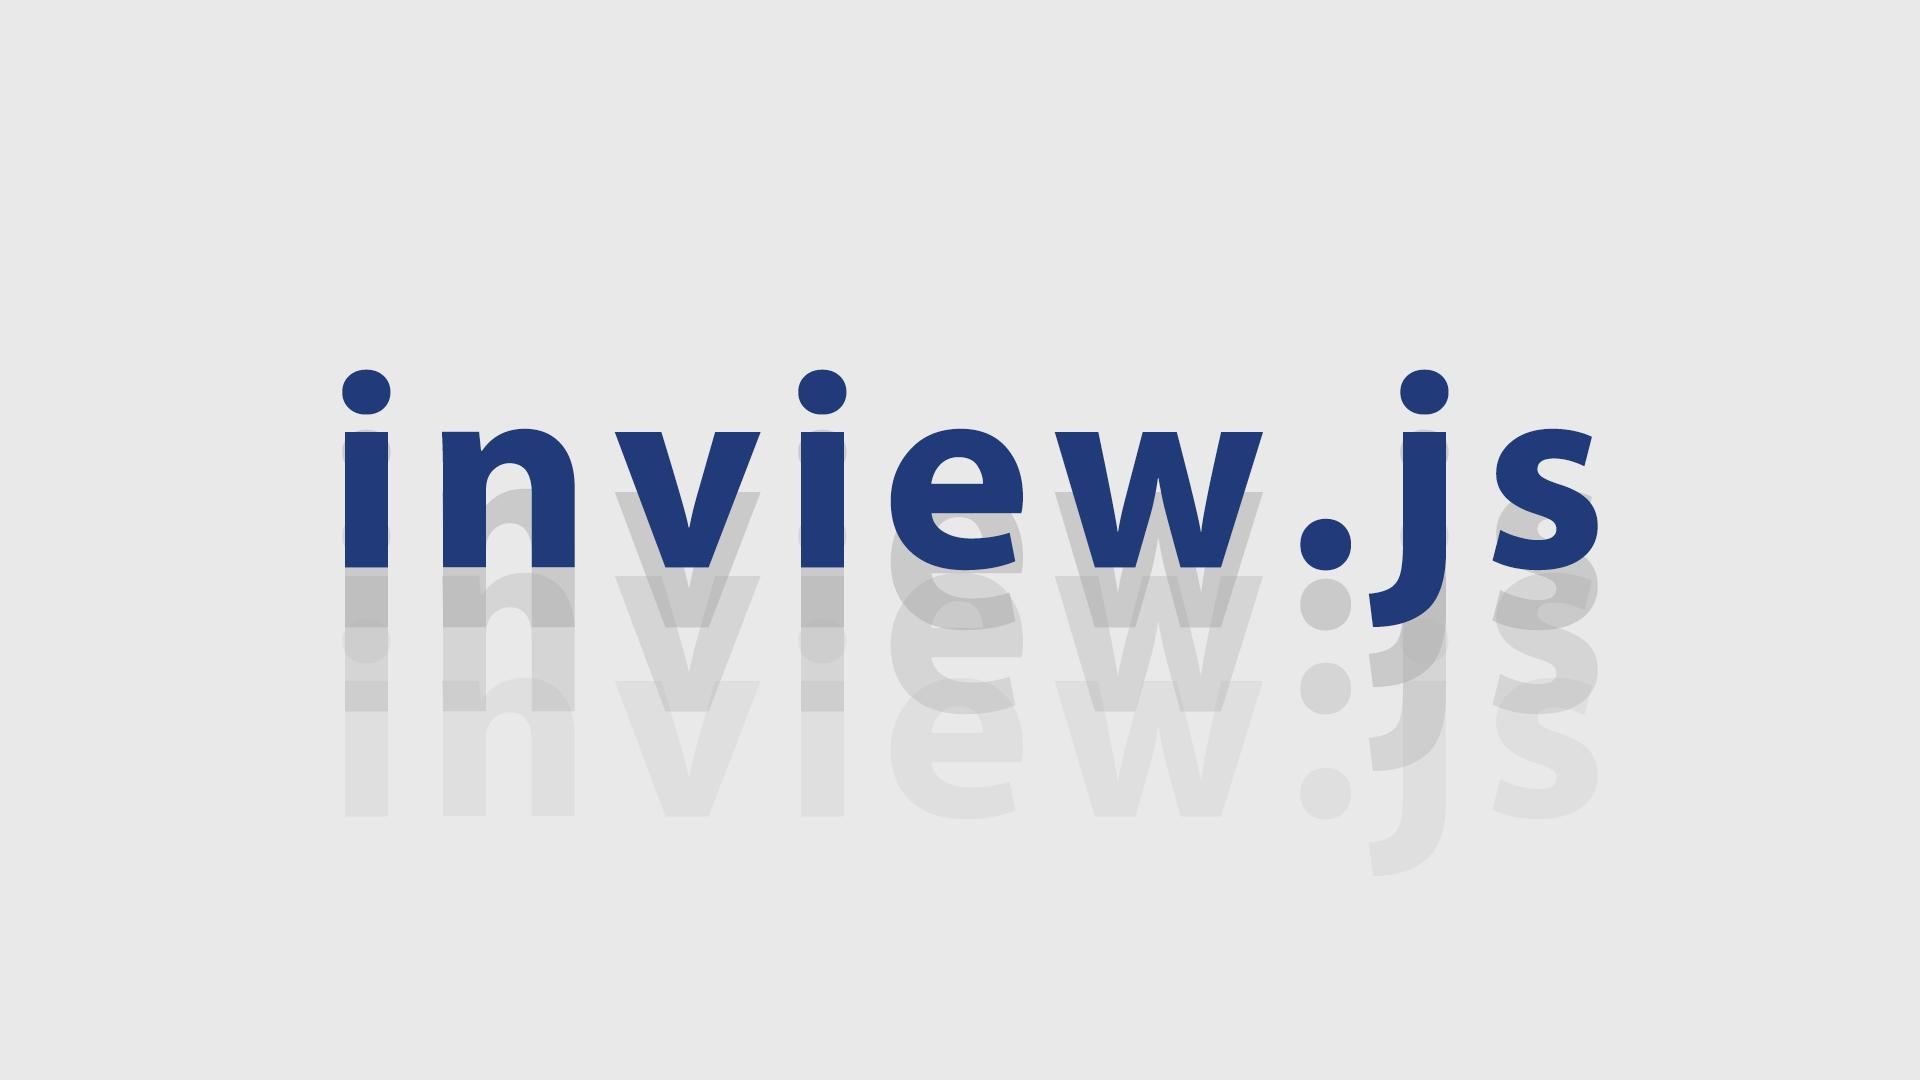 【inview.jsの使い方】簡単なスクロールアクションを作る。